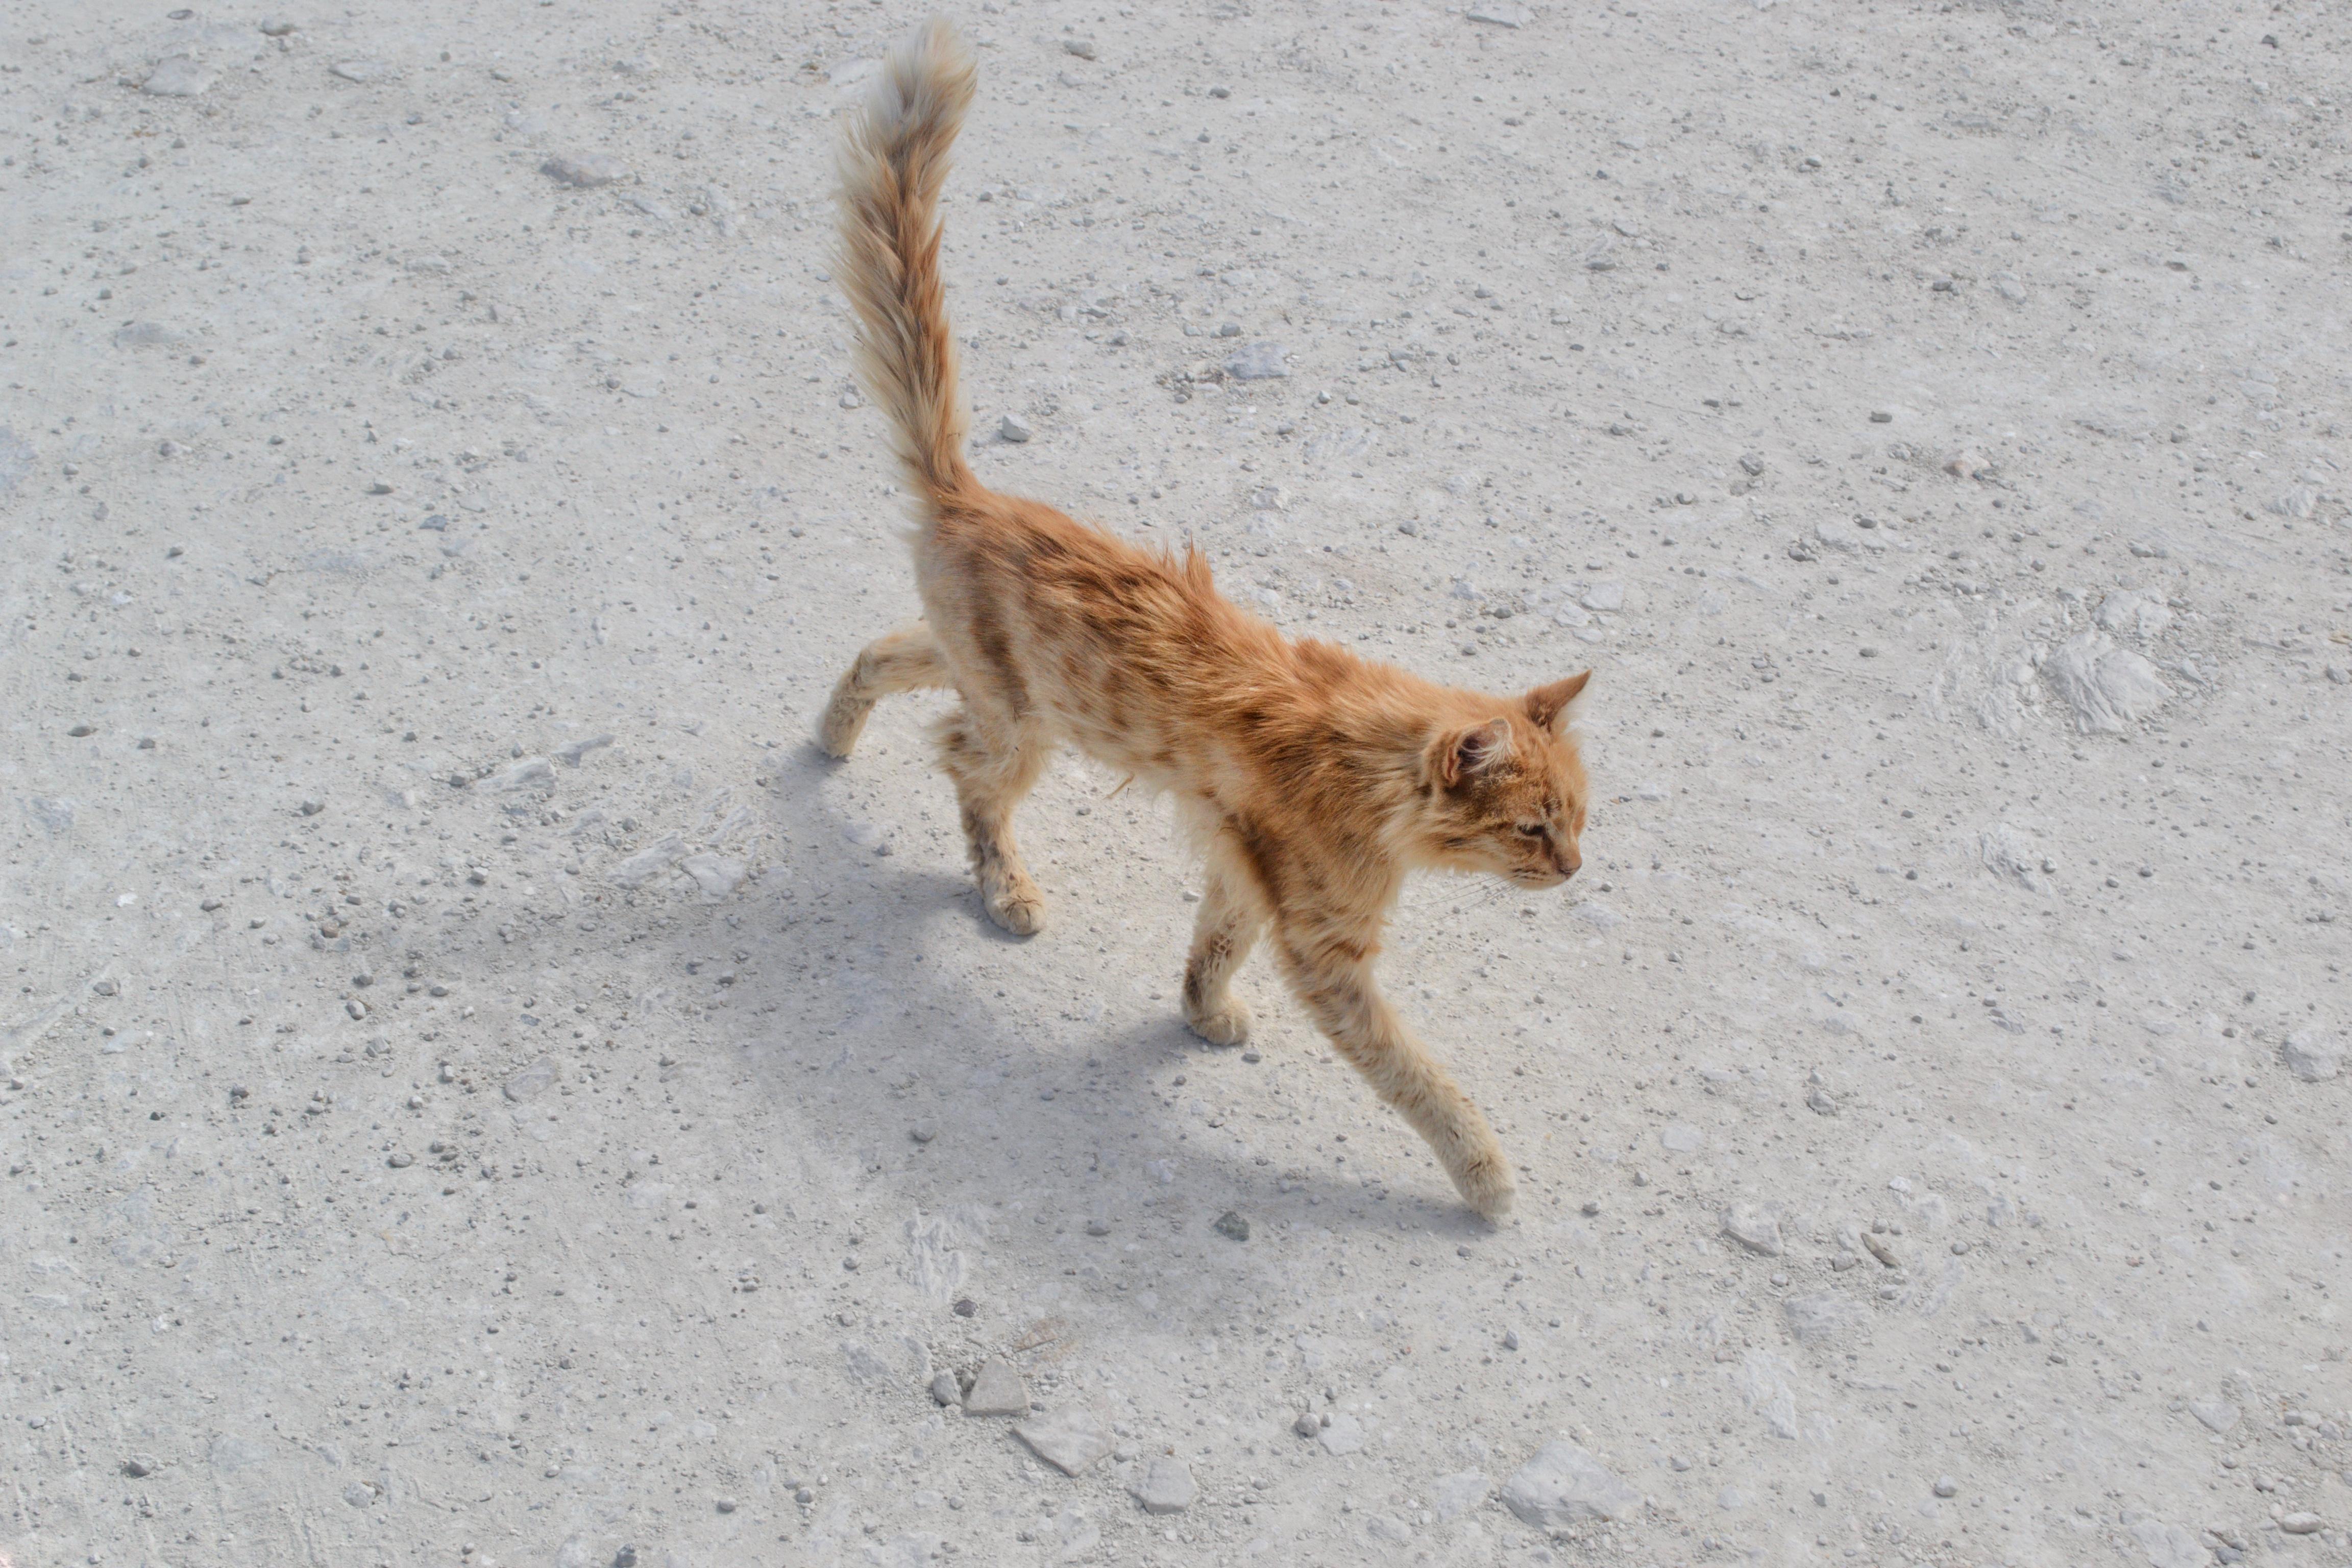 Tala Monastery Cat Park